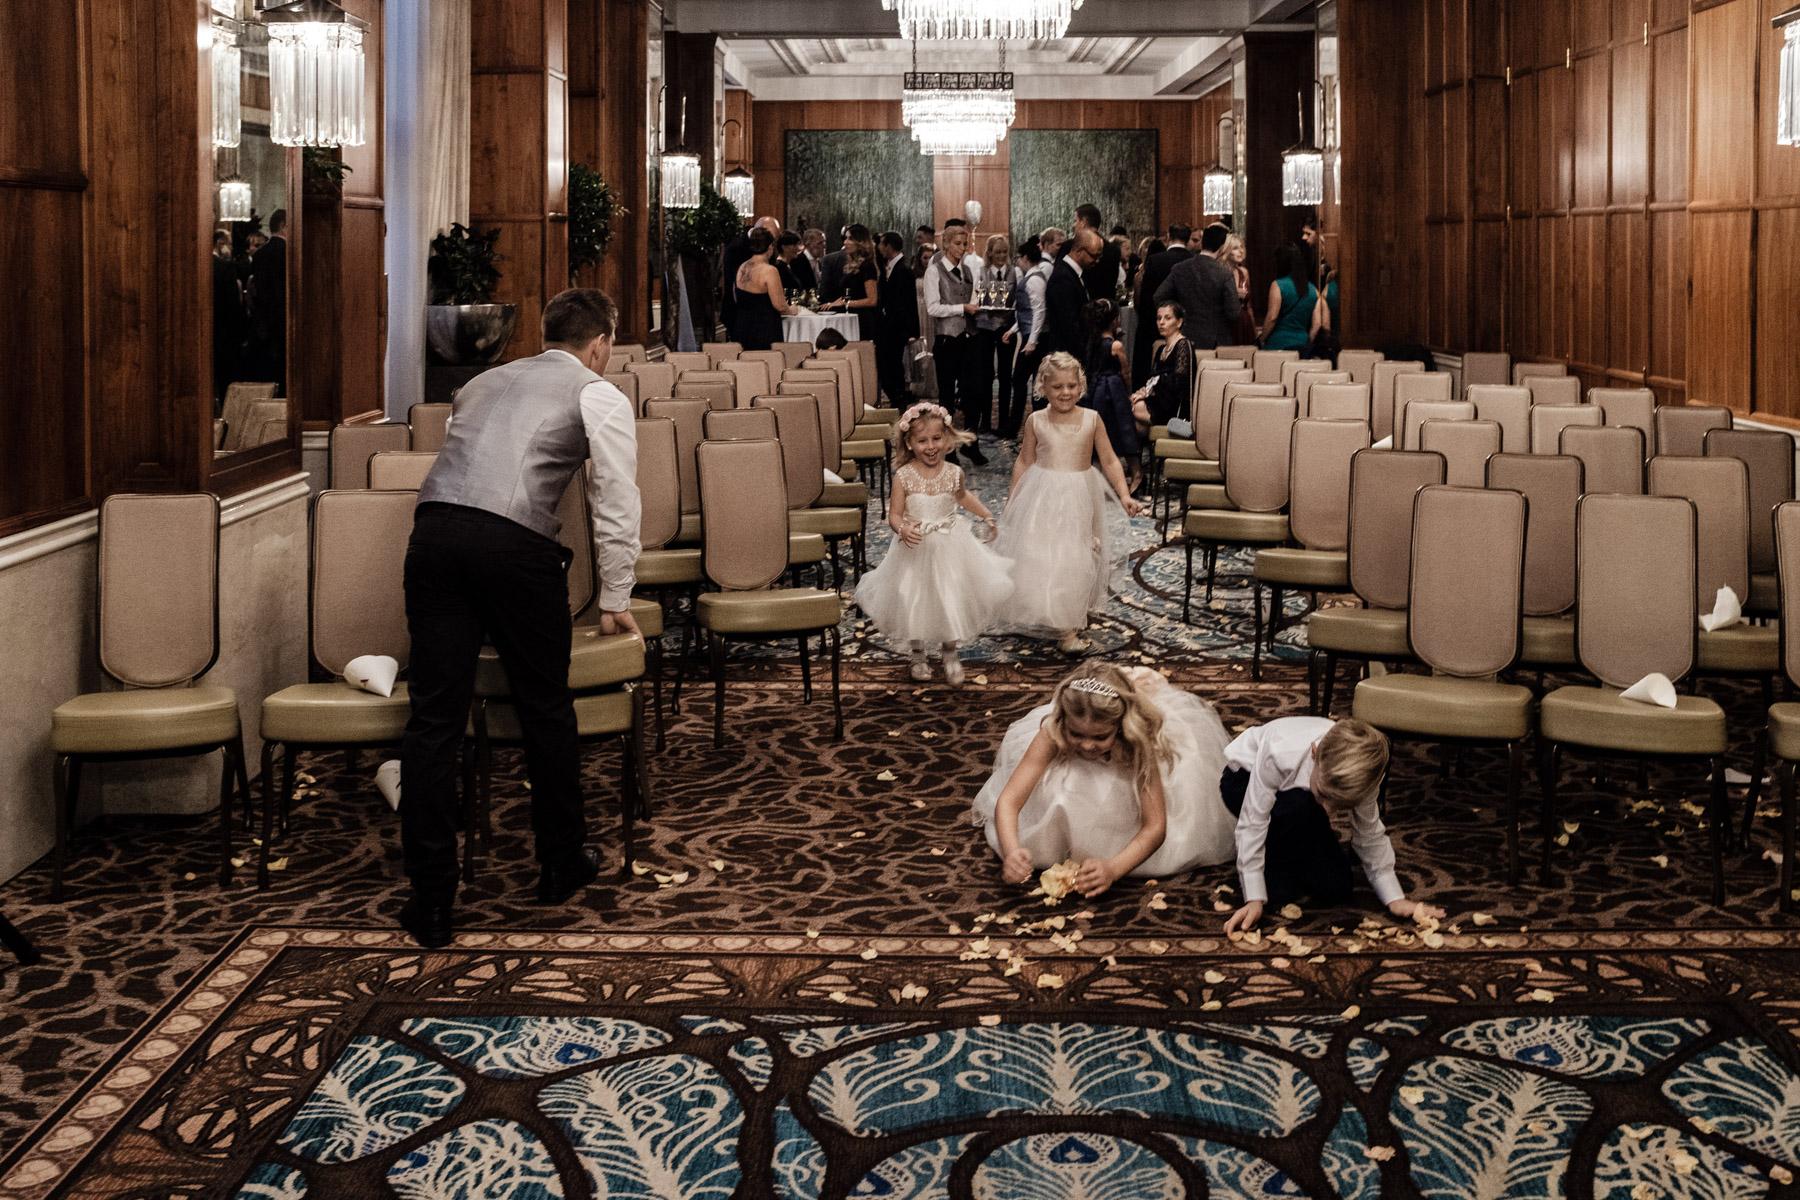 MartinLiebl_Kein_Hochzeitsfotograf_No_Wedding_Photographer_Budapest_Gresham_Palace_052.jpg